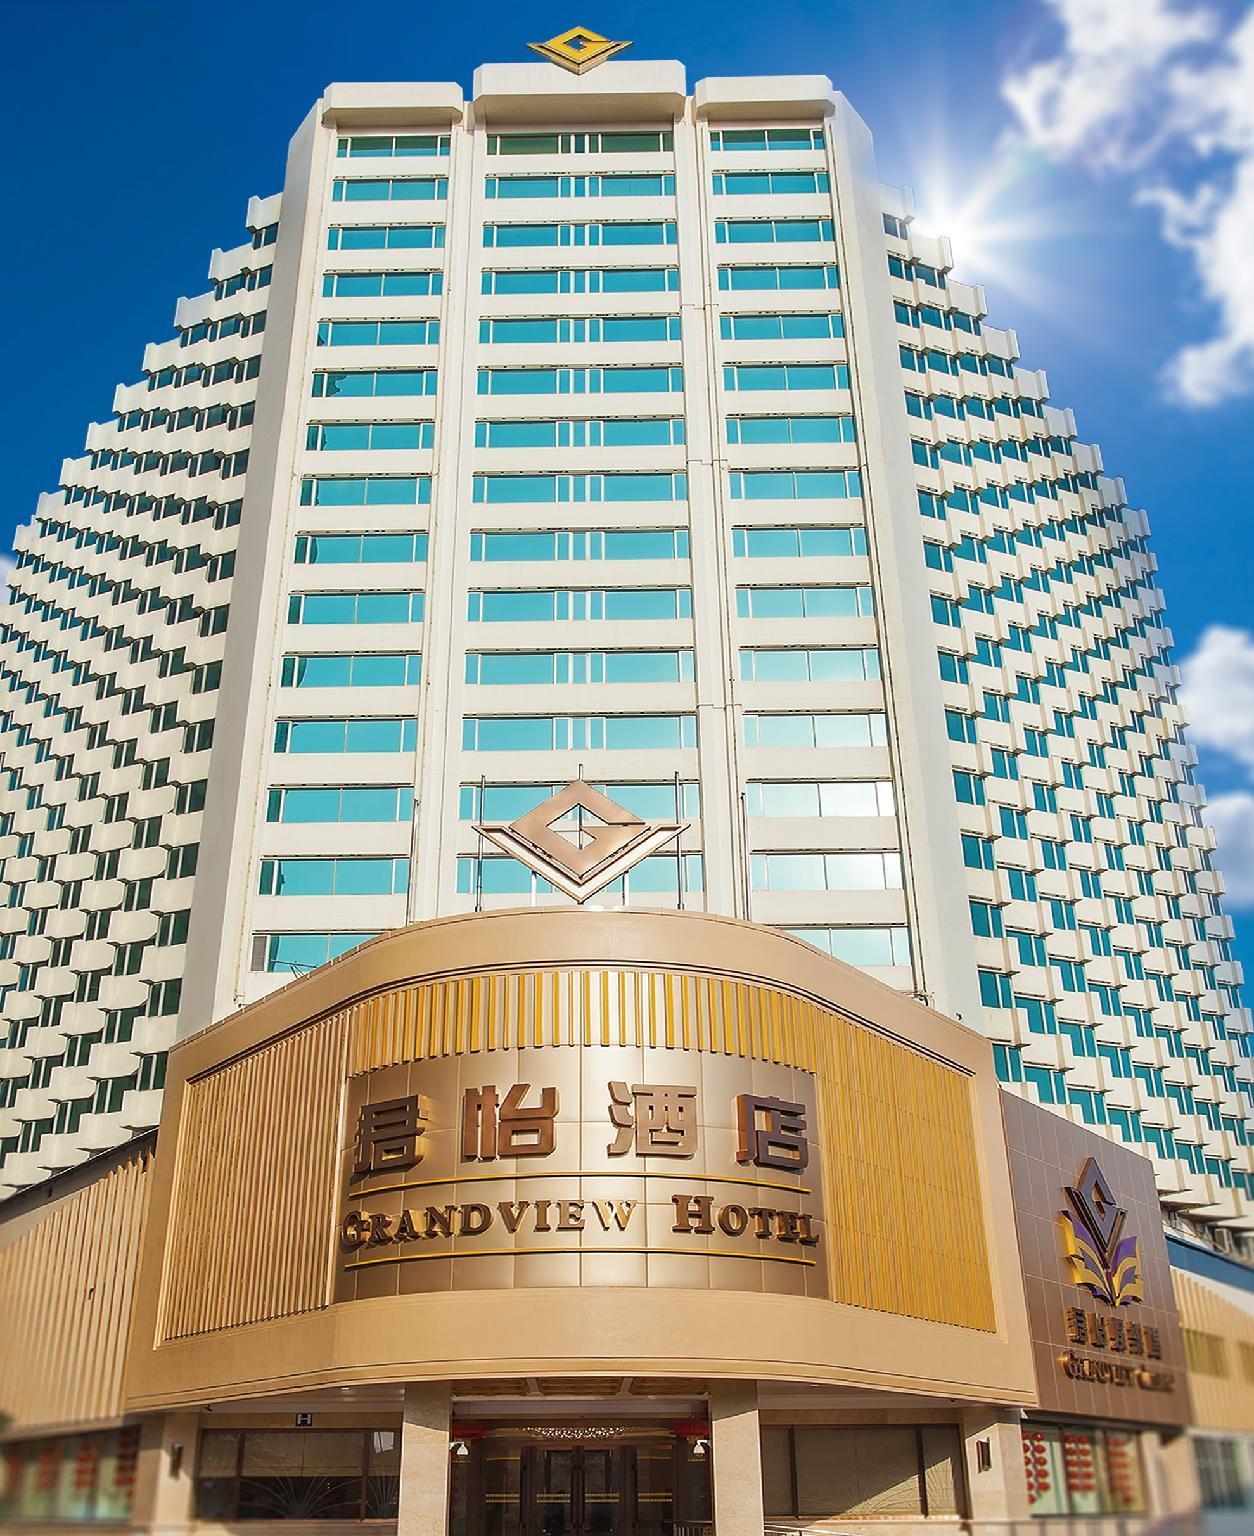 Grandview Hotel, Nossa Senhora do Carmo